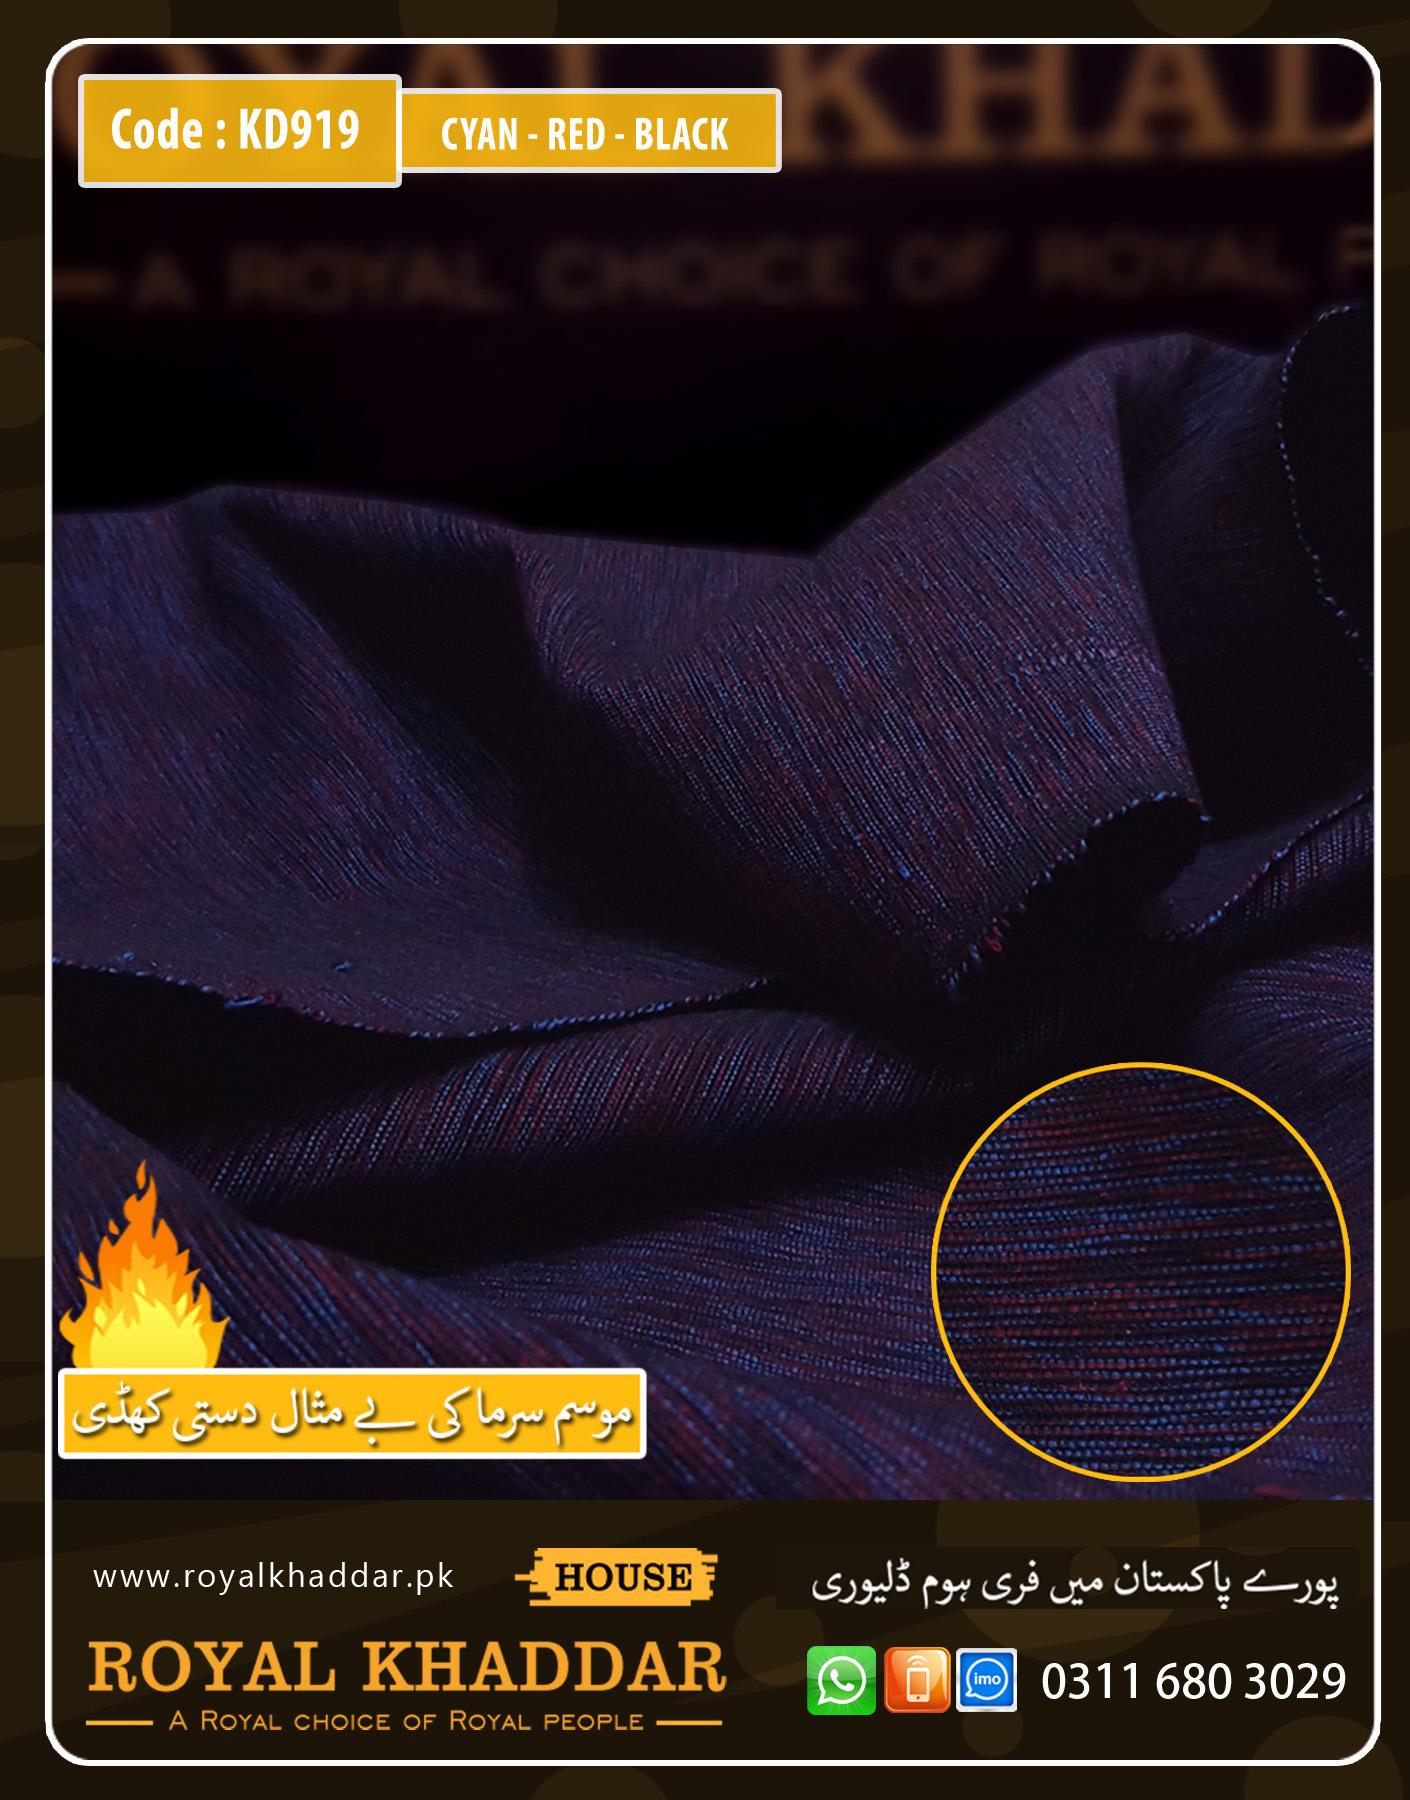 KD919 Cyan - Red - BlackHandmade Khaddi